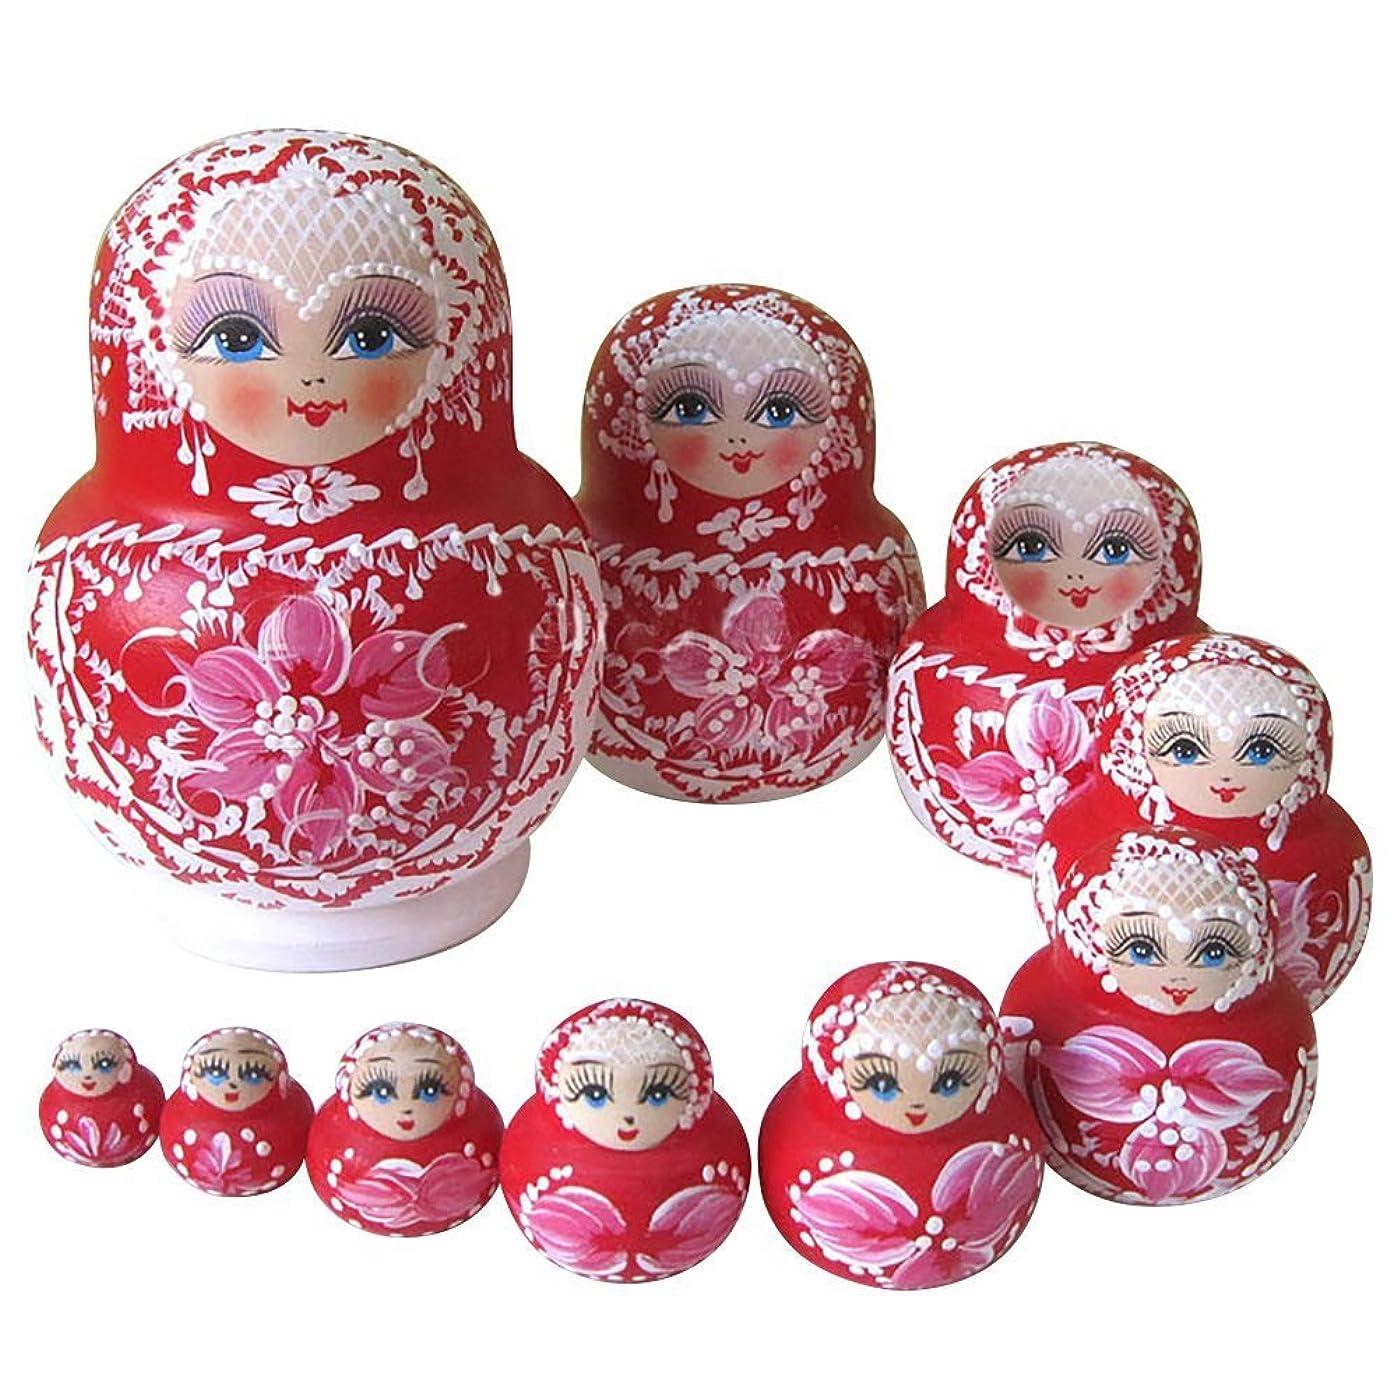 病んでいる謙虚散歩に行く伝統的ロシアの女の子 モスクワのクレムリン マトリョーシカ人形 マトリョーシカ 手業 手塗り 木製品 7個組 誕生日プレゼント 贈り物 子供のおもちゃ 飾り物 置物 期間限定